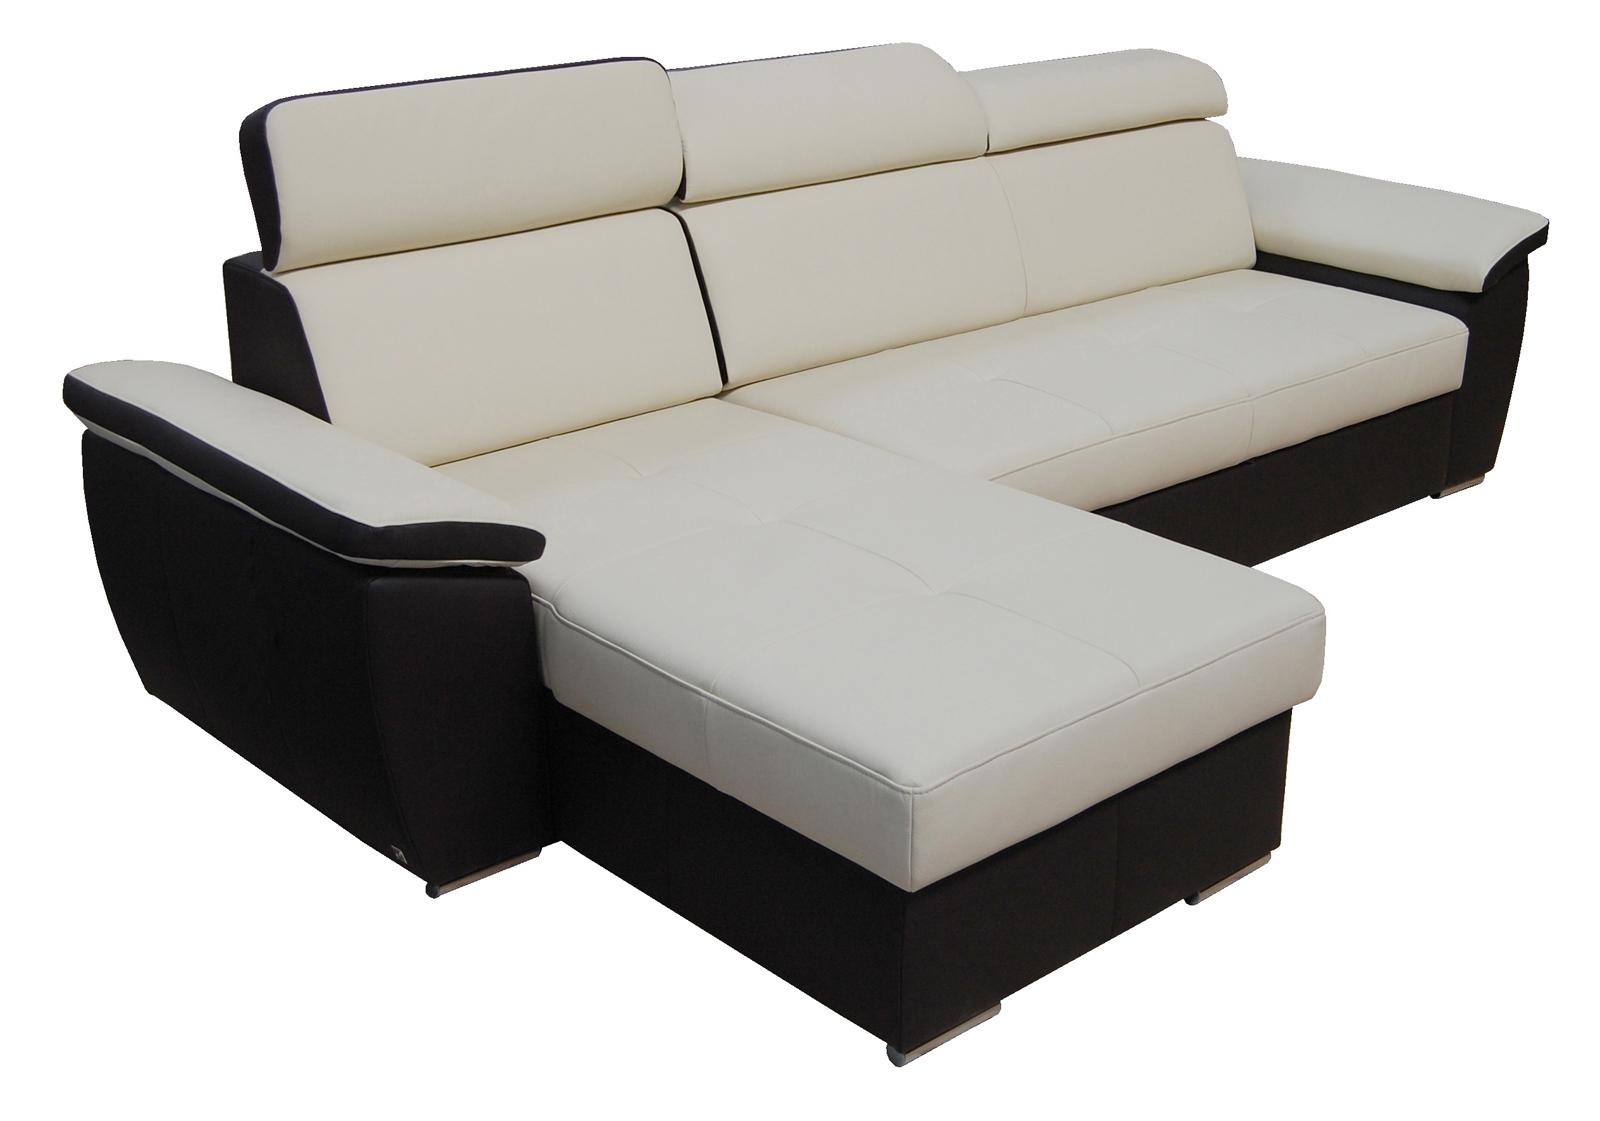 Kožená rohová sedačka - BRW - FX 15 B8 béžovohnedá (L)